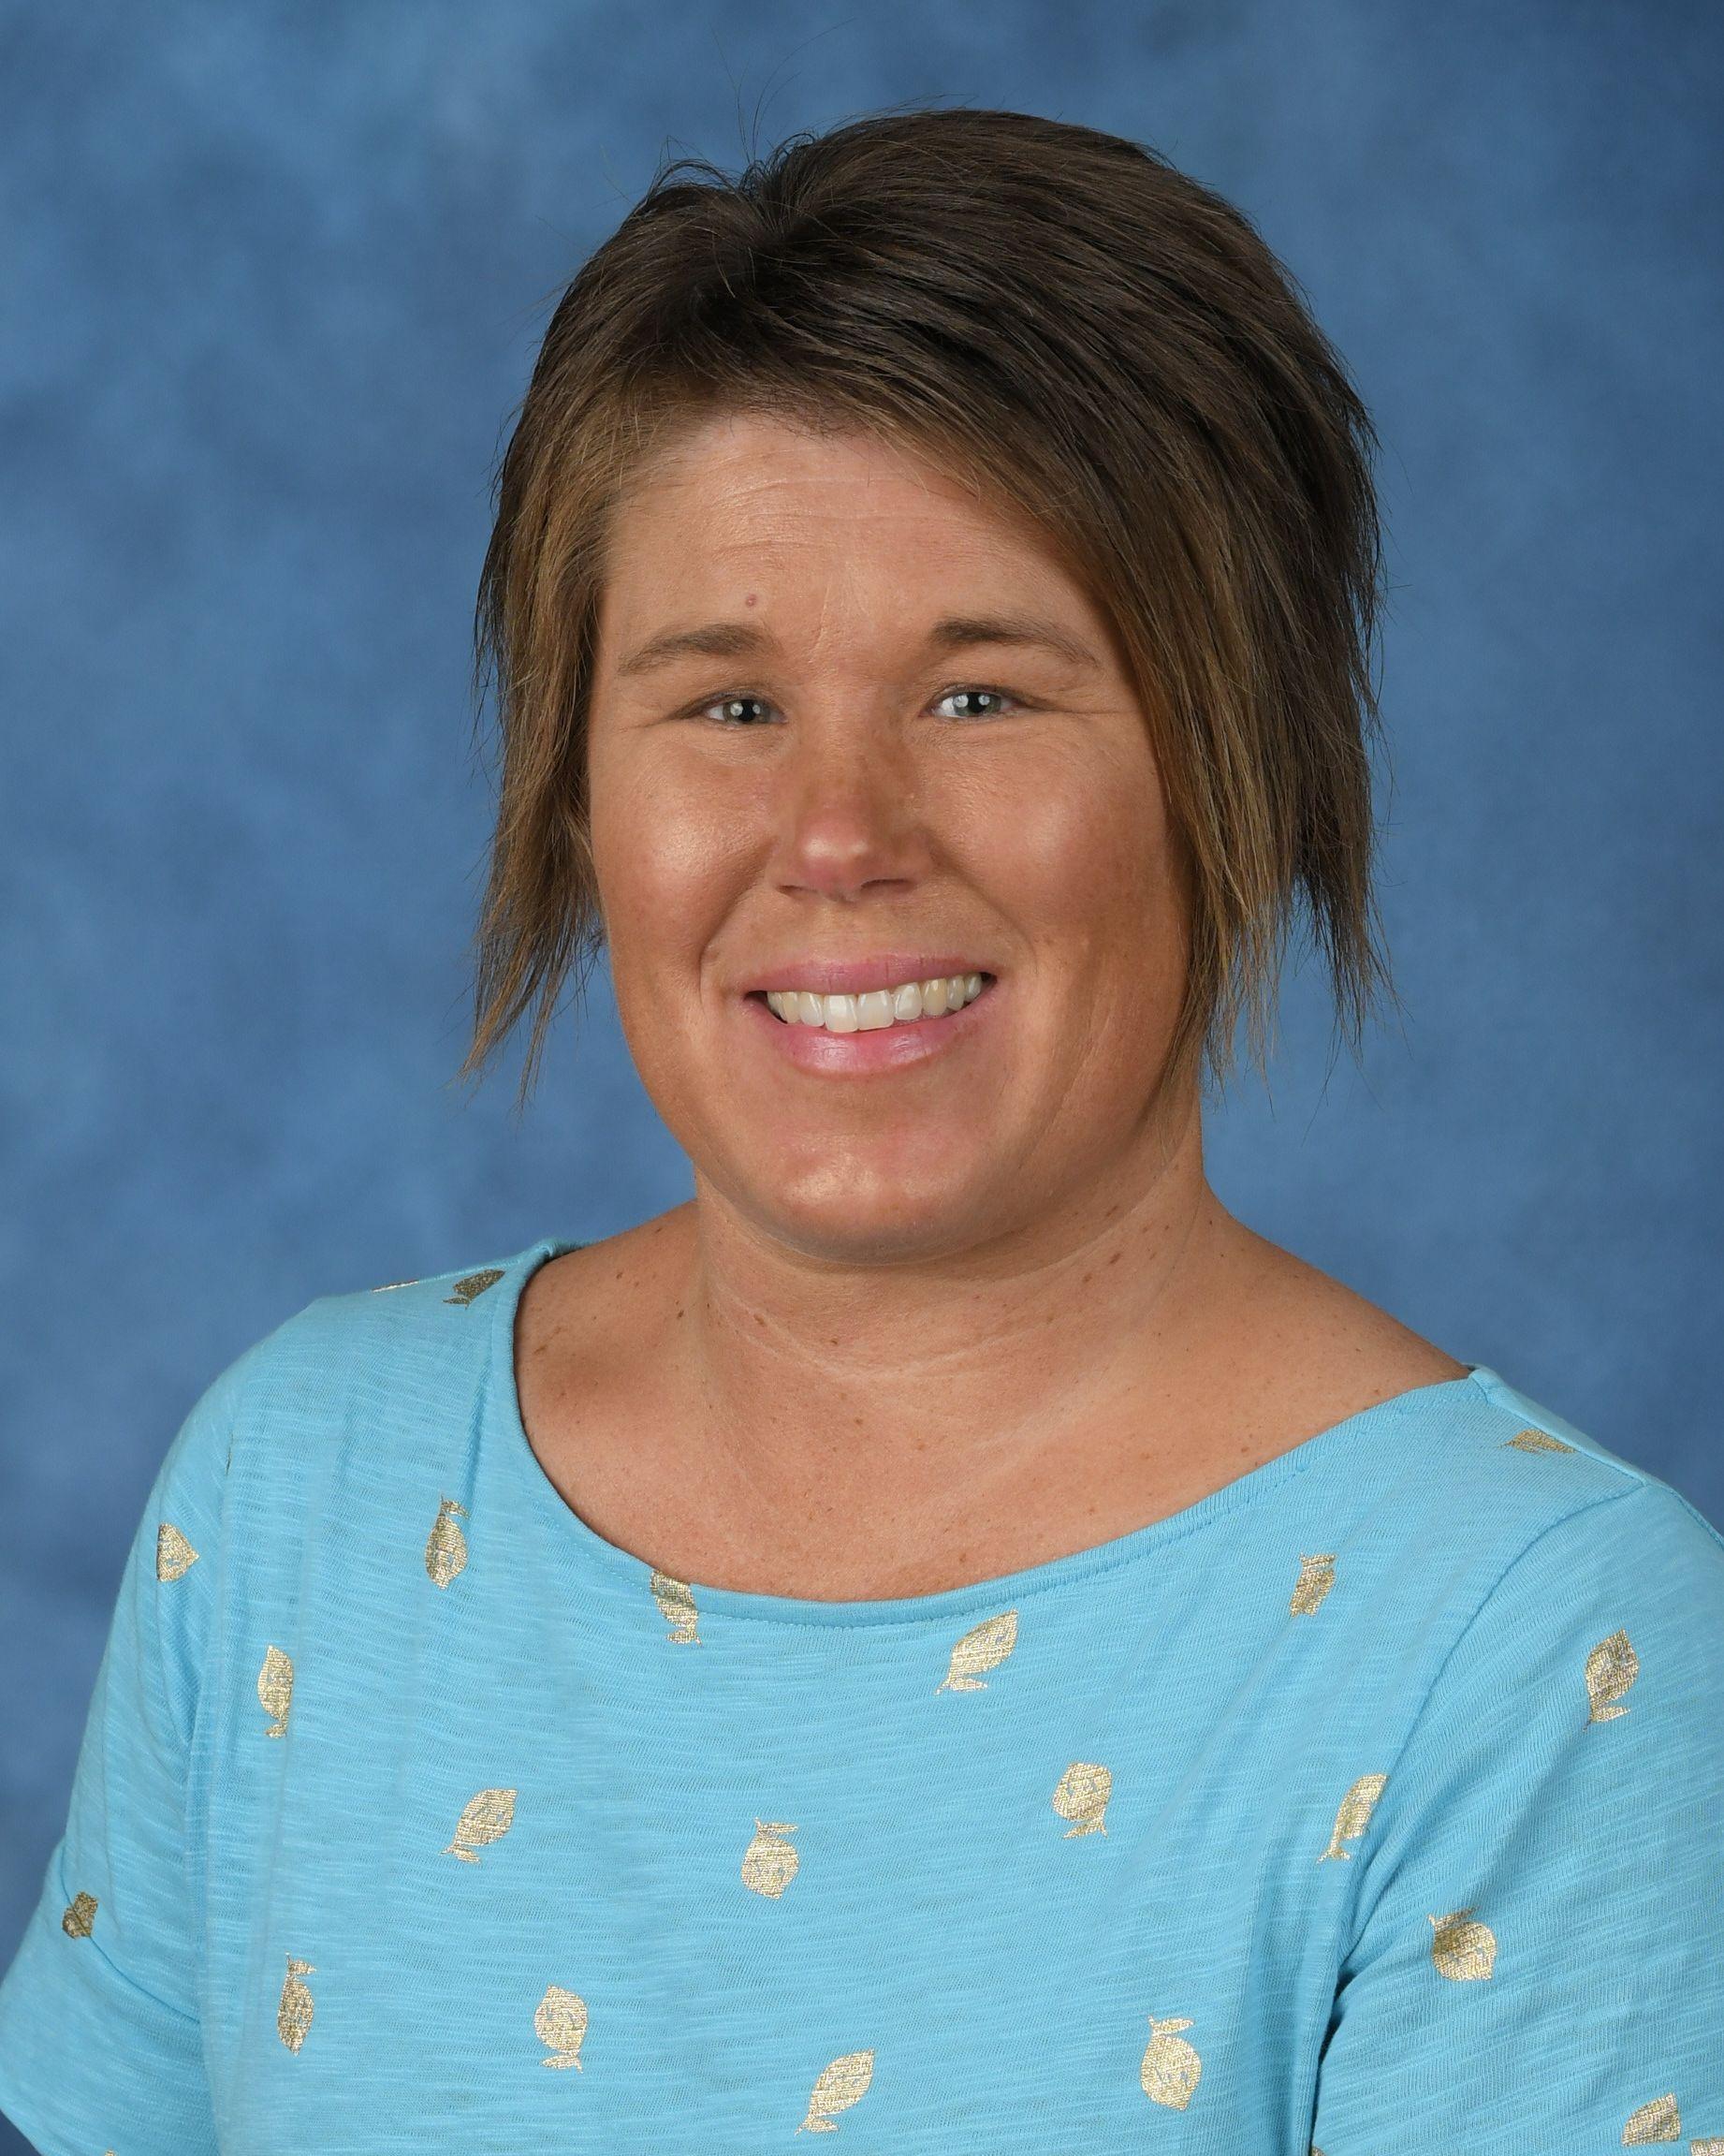 Mrs. Keplinger